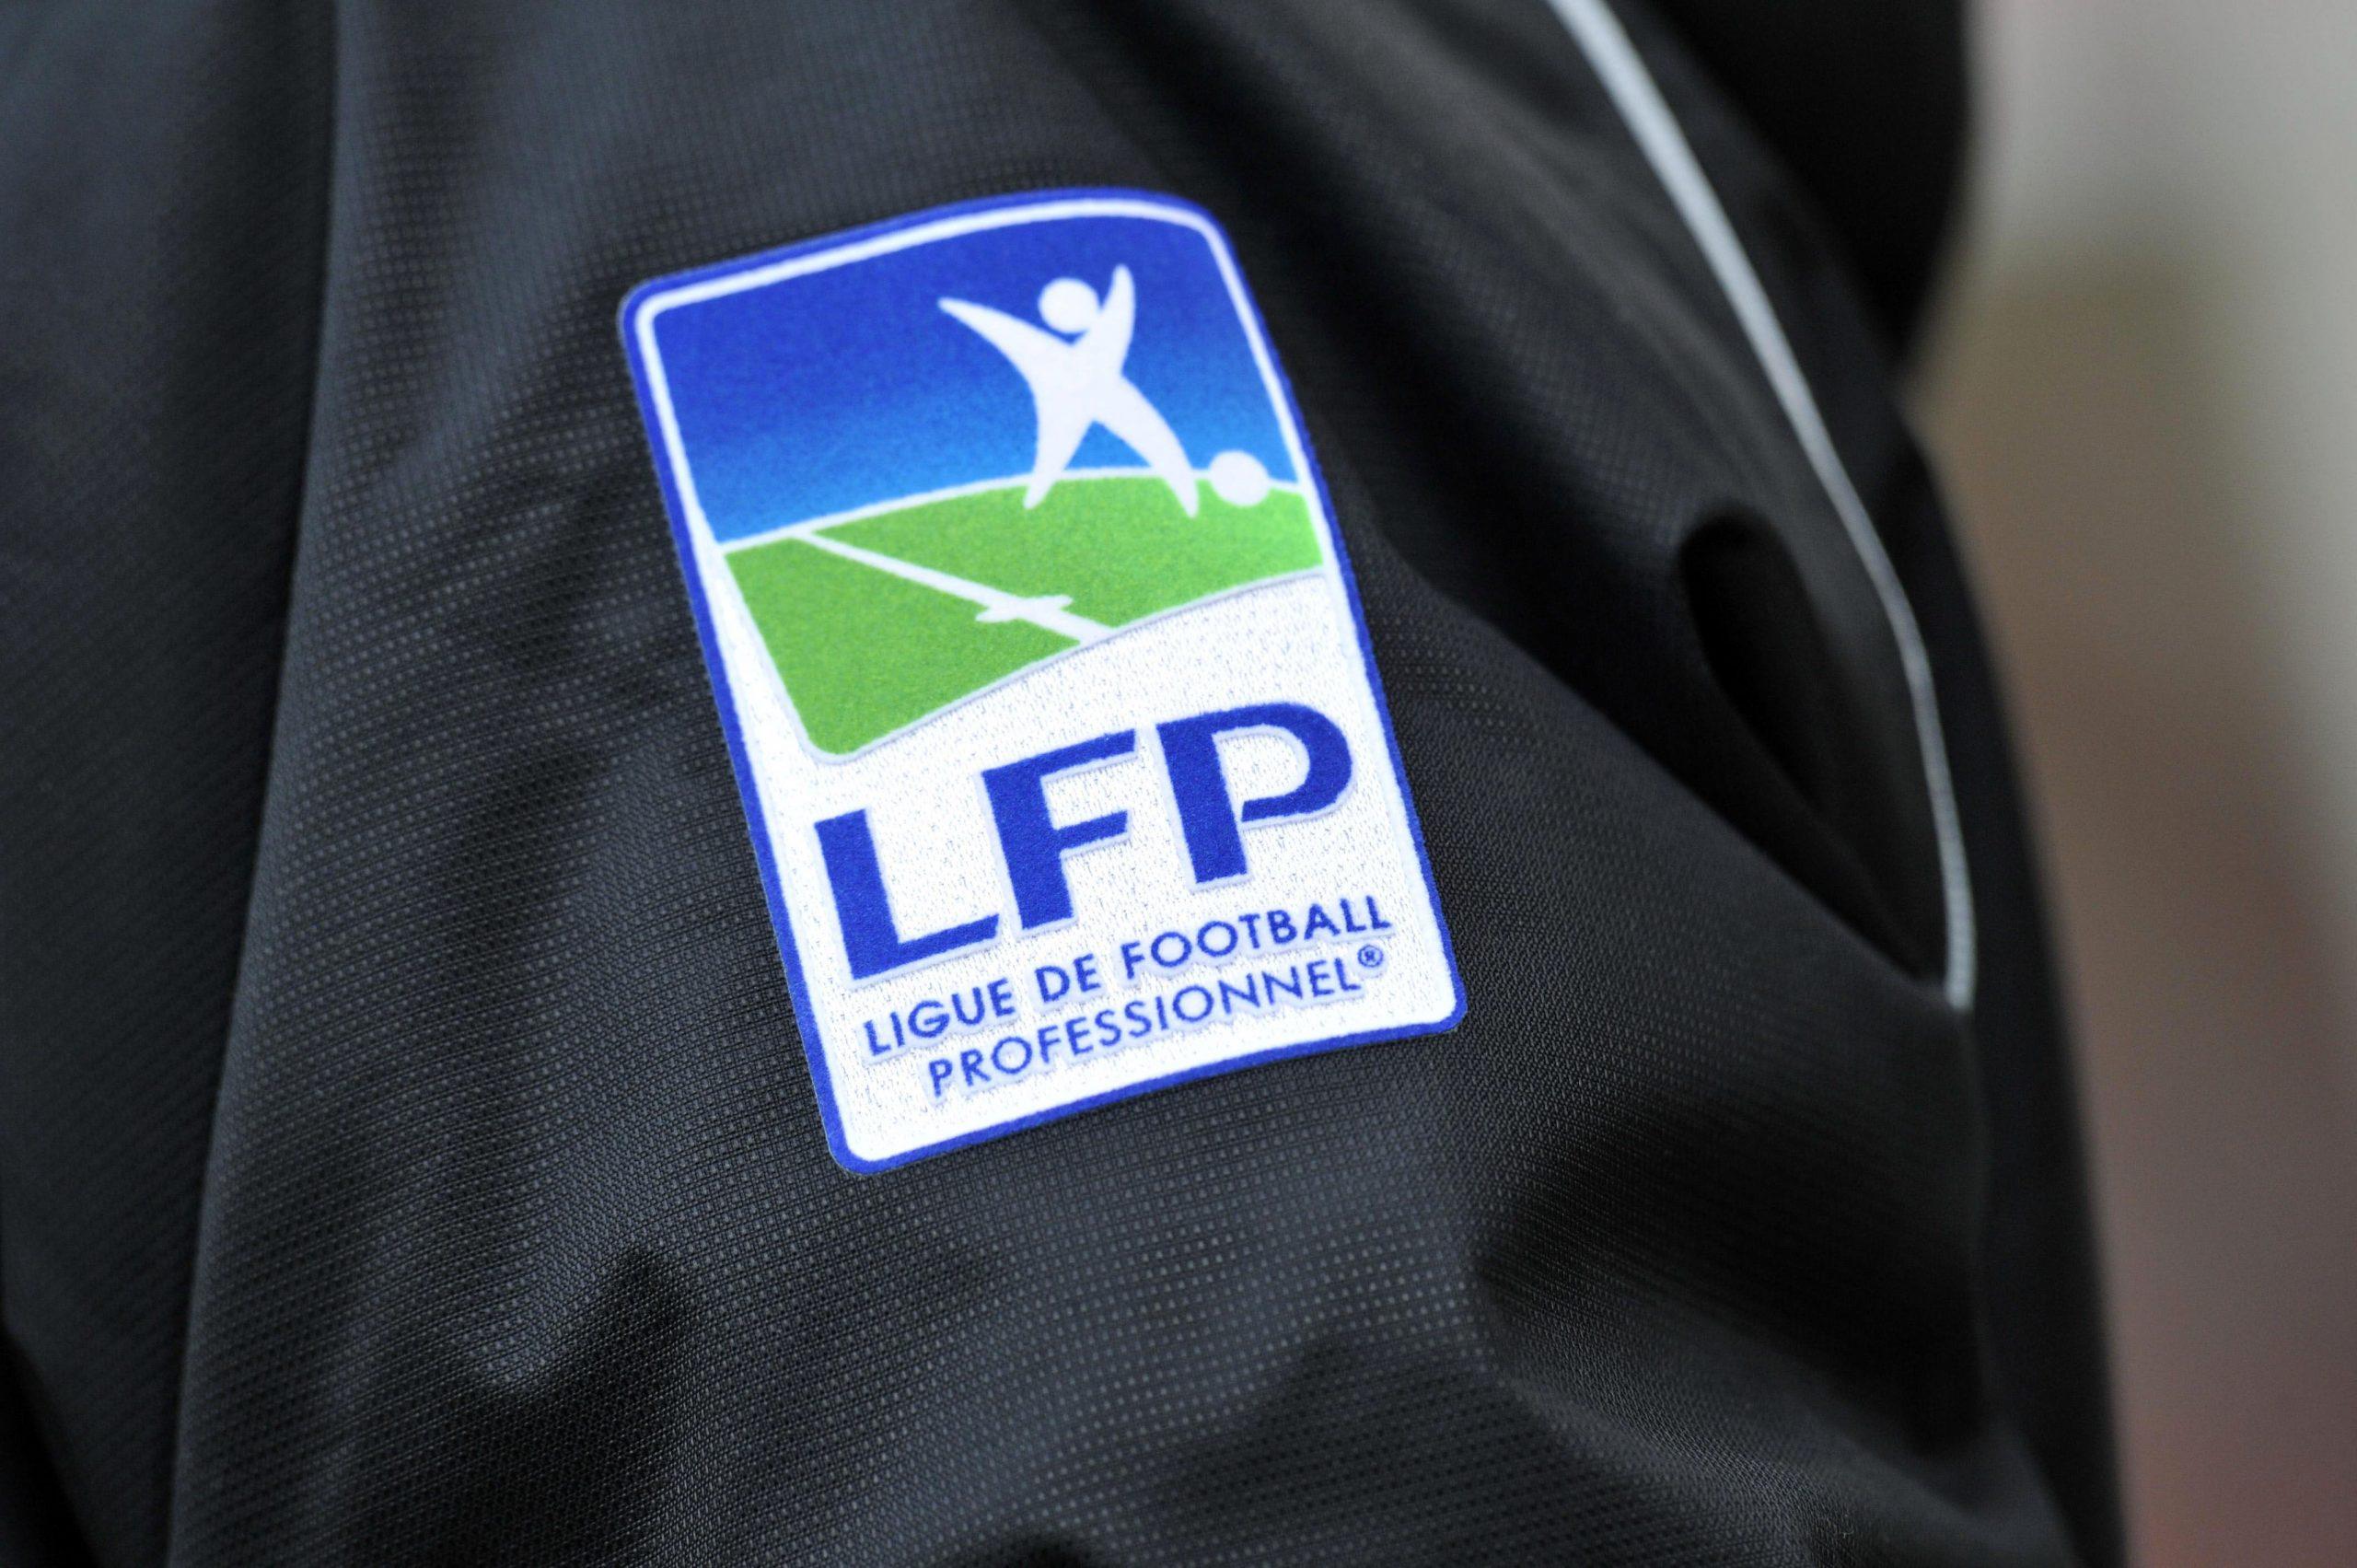 La LFP devrait acheter 50 000 tests pour surveiller le coronavirus dans le football français, selon Le Parisien